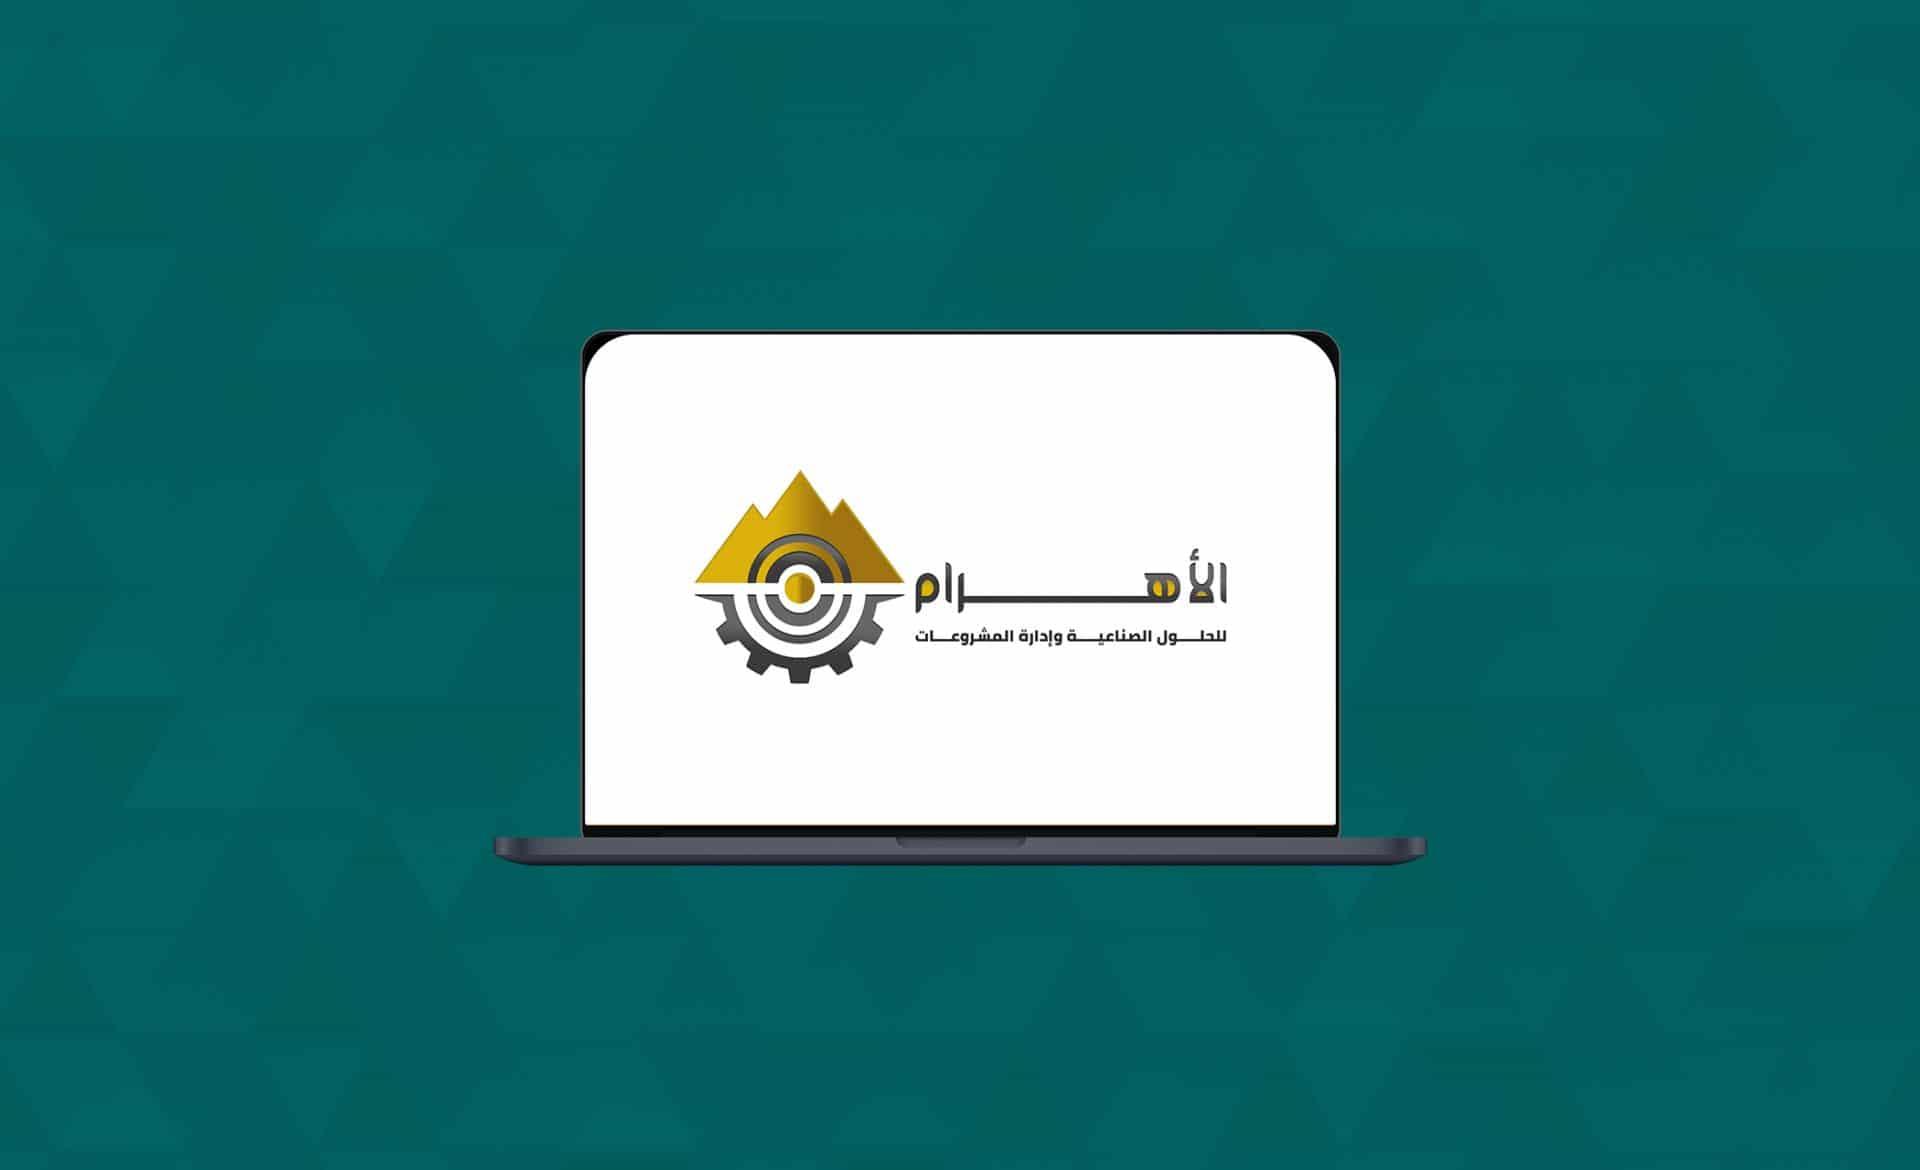 Al Ahram Logo